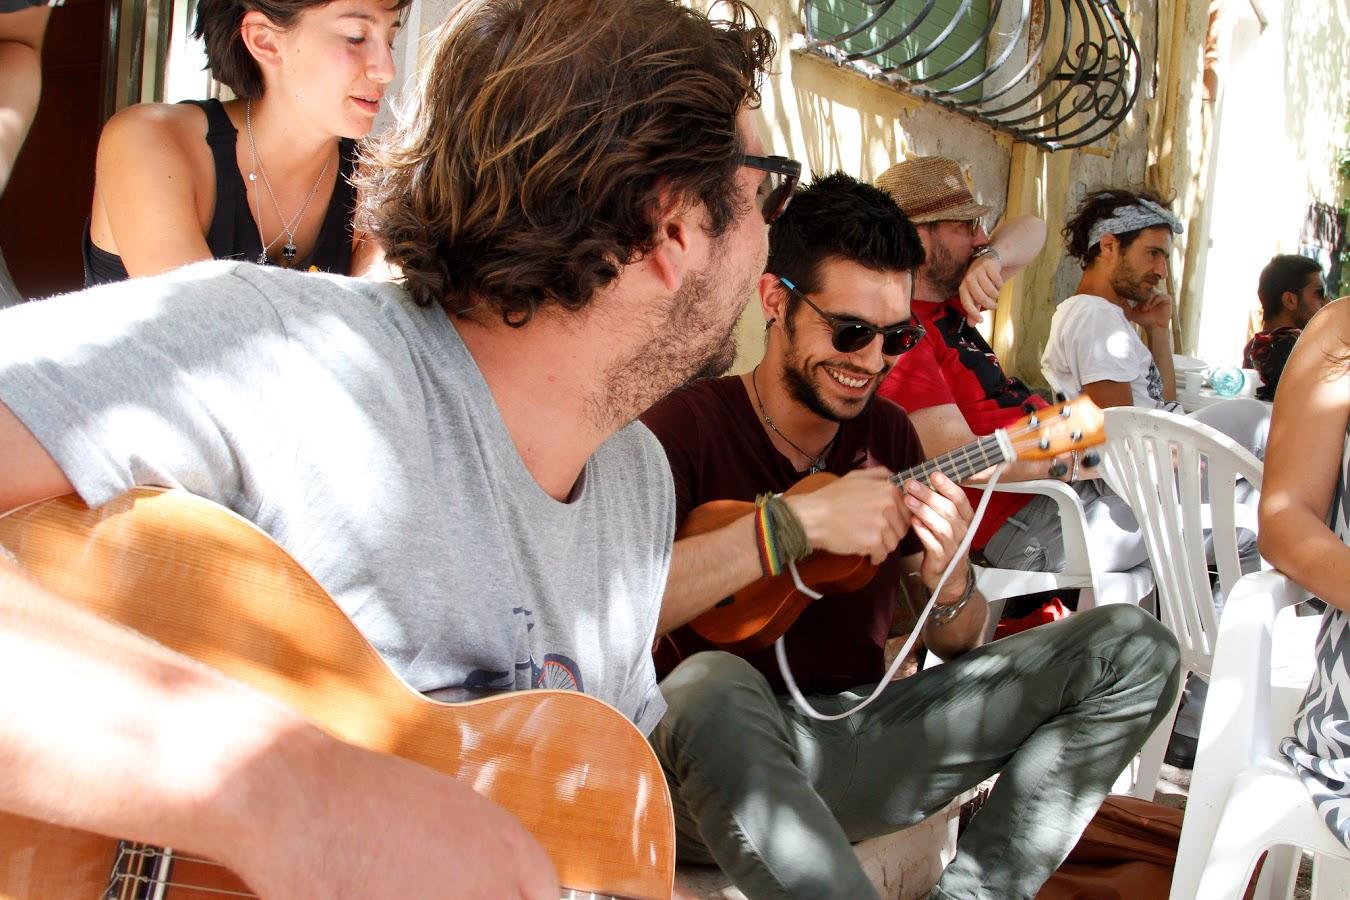 brainurfing nuoro deledda festival resilienza propositivo